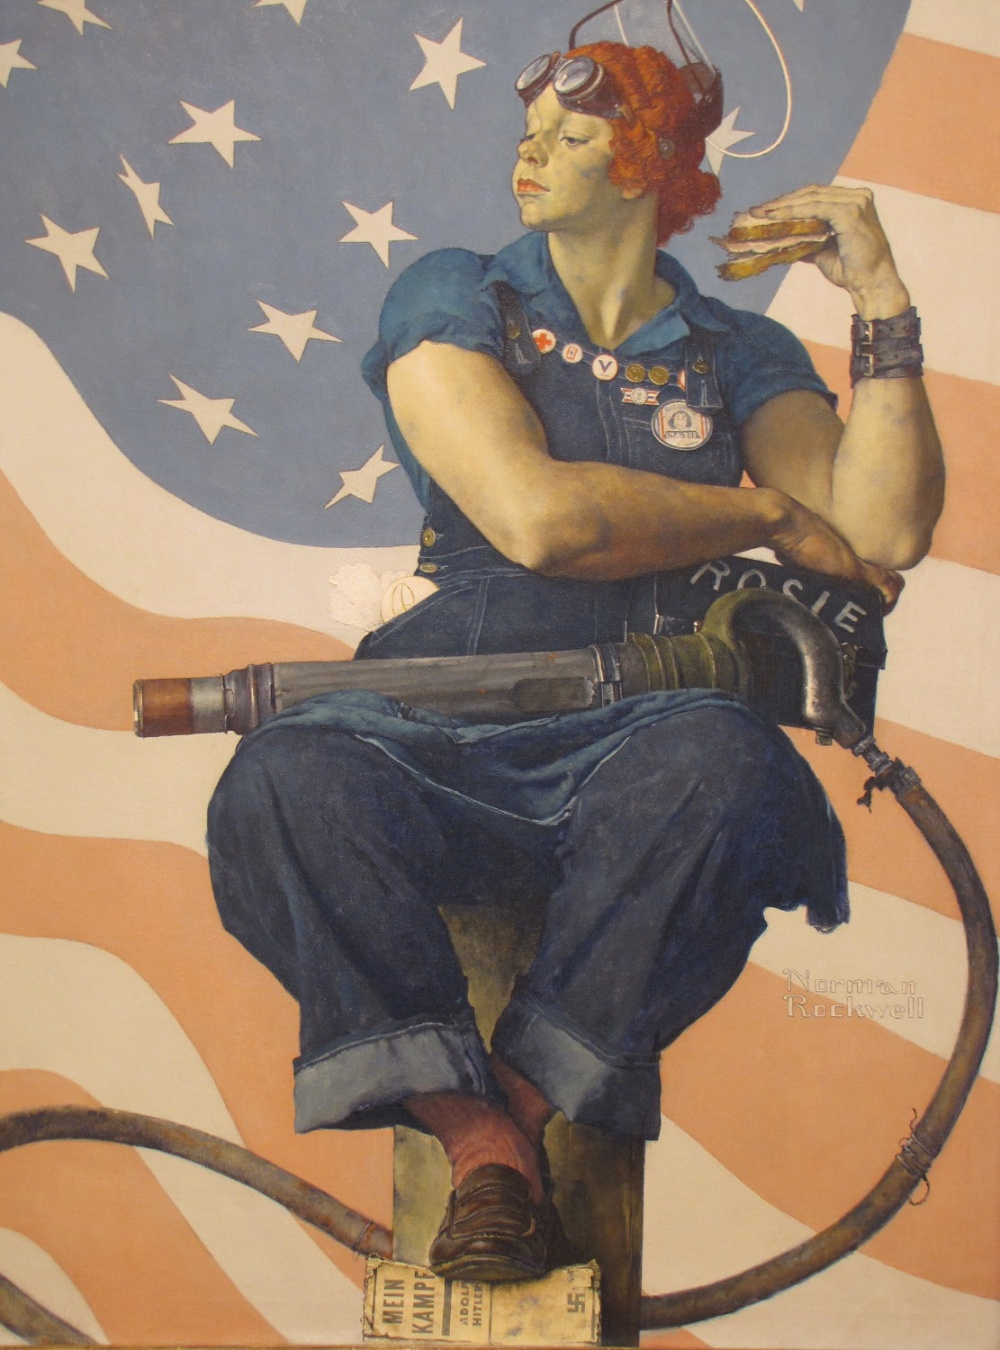 ВСША вовремя Второй мировой войны началась национальная кампания сцелью побудить женщин, никогда